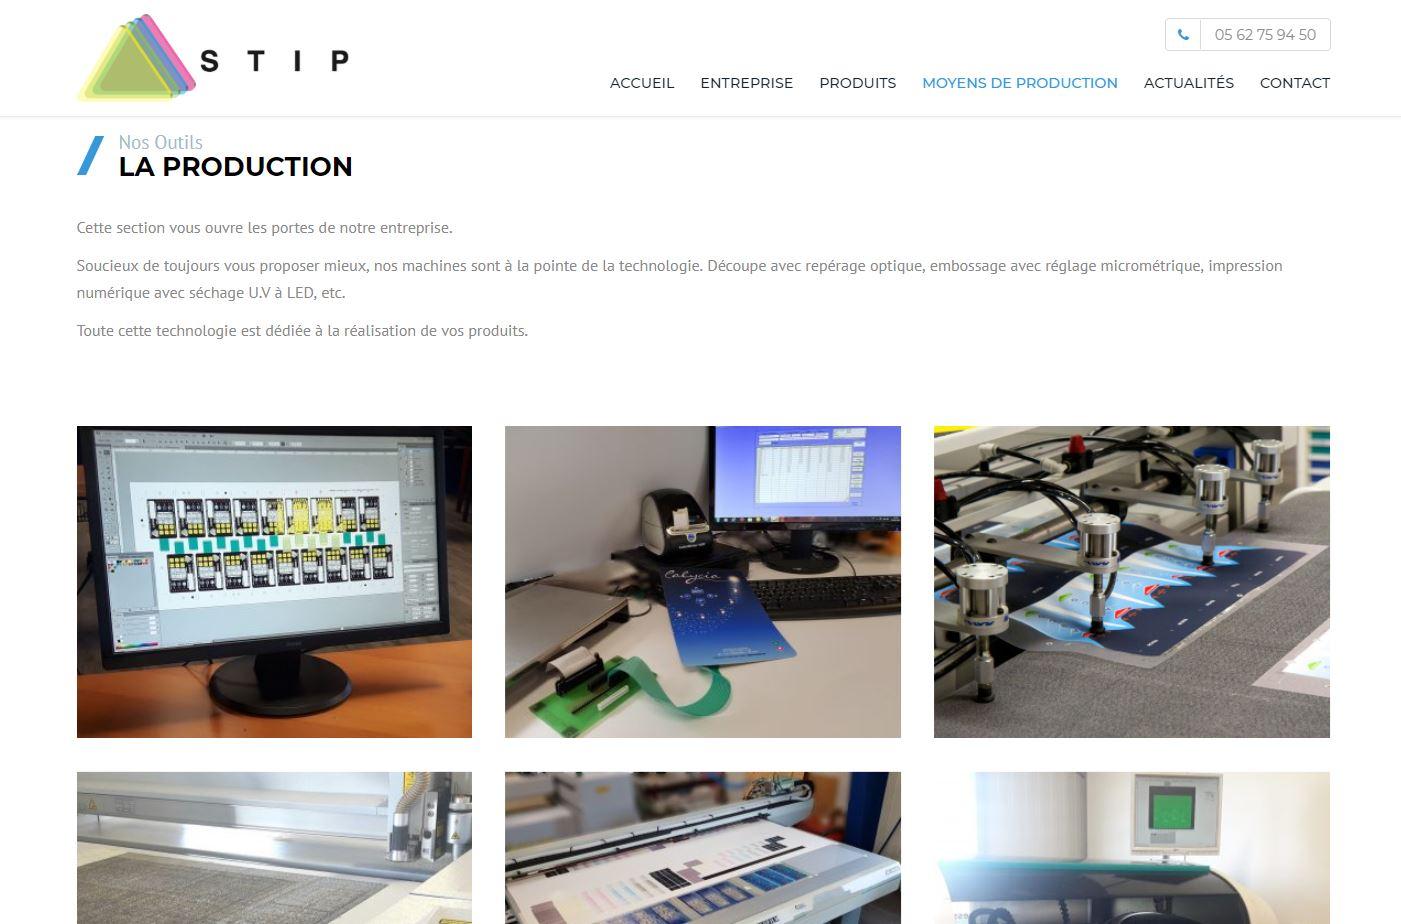 Un site web pour présenter une activité industrielle